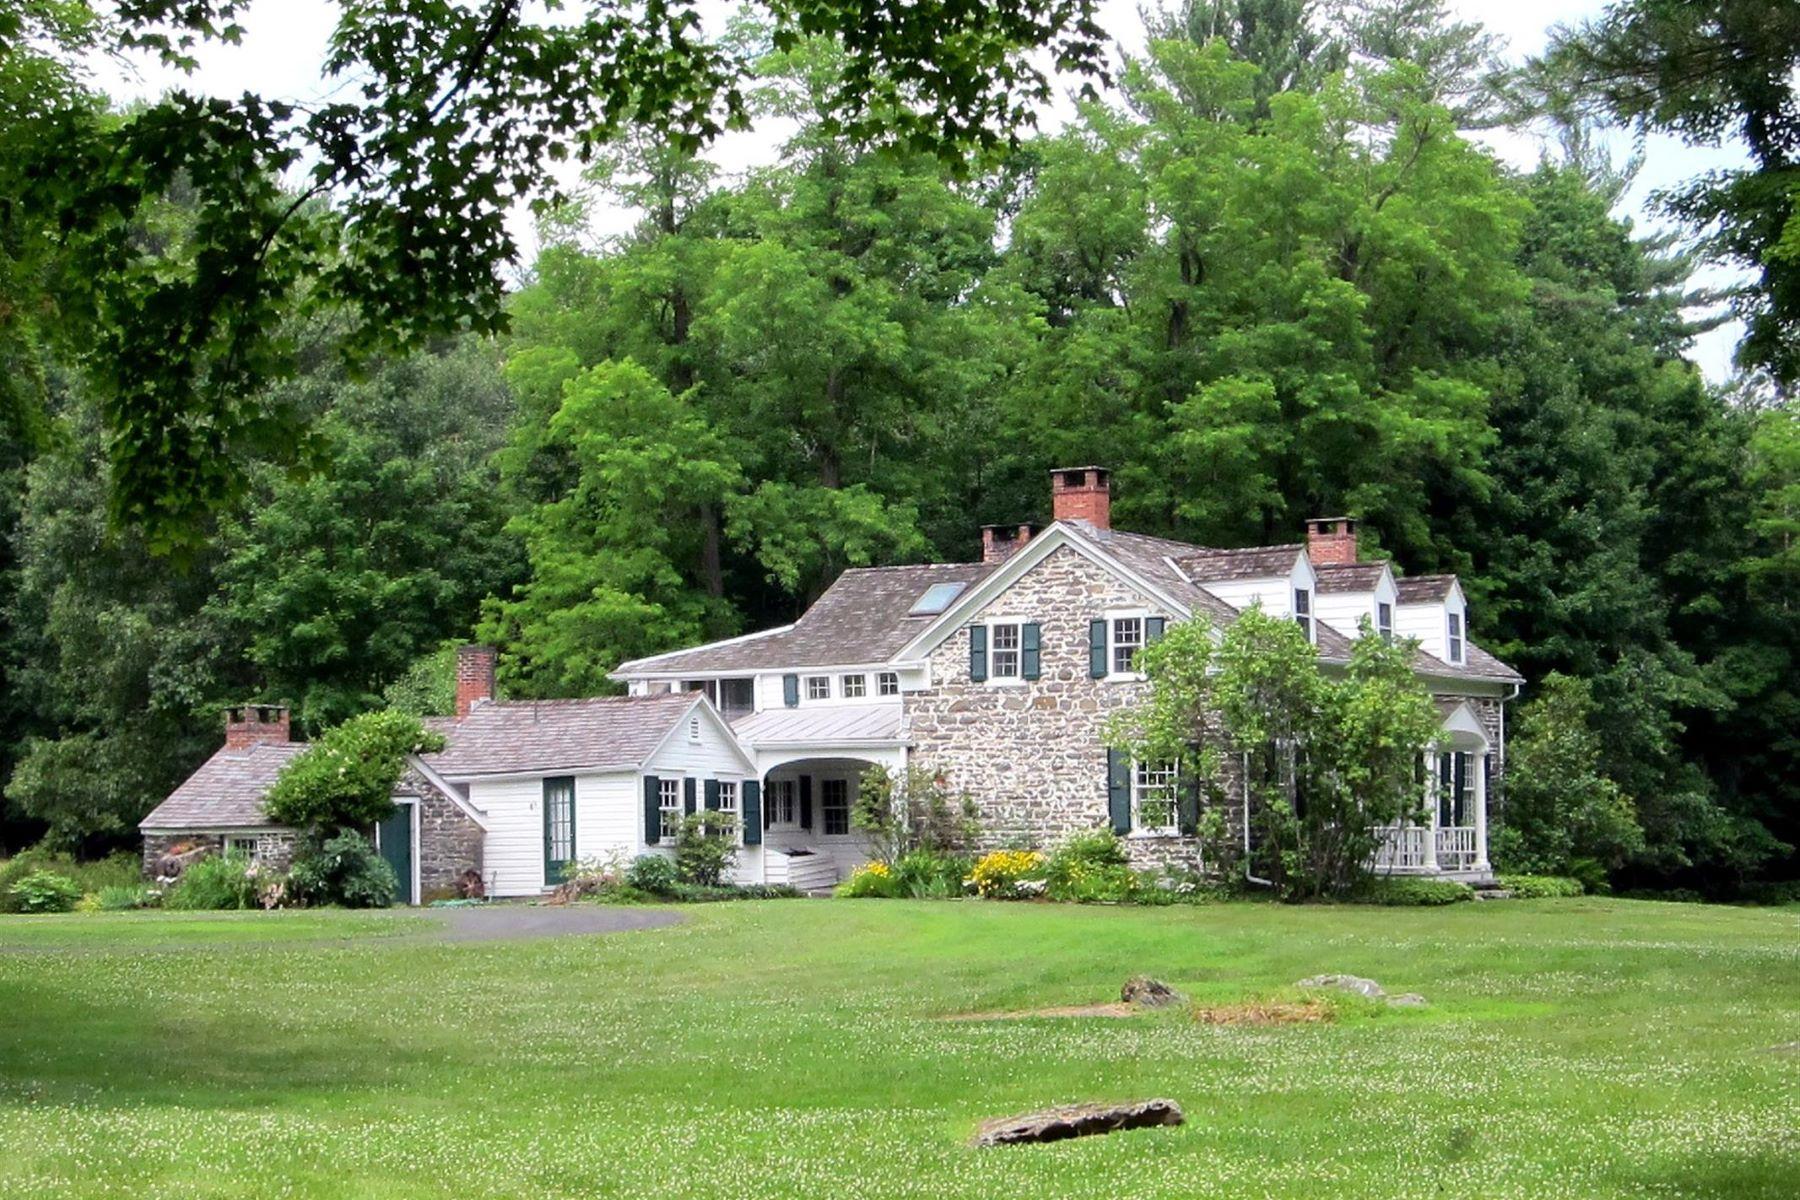 独户住宅 为 销售 在 Zena Stone House 729 Zena Road 伍德斯托克, 纽约州 12498 美国